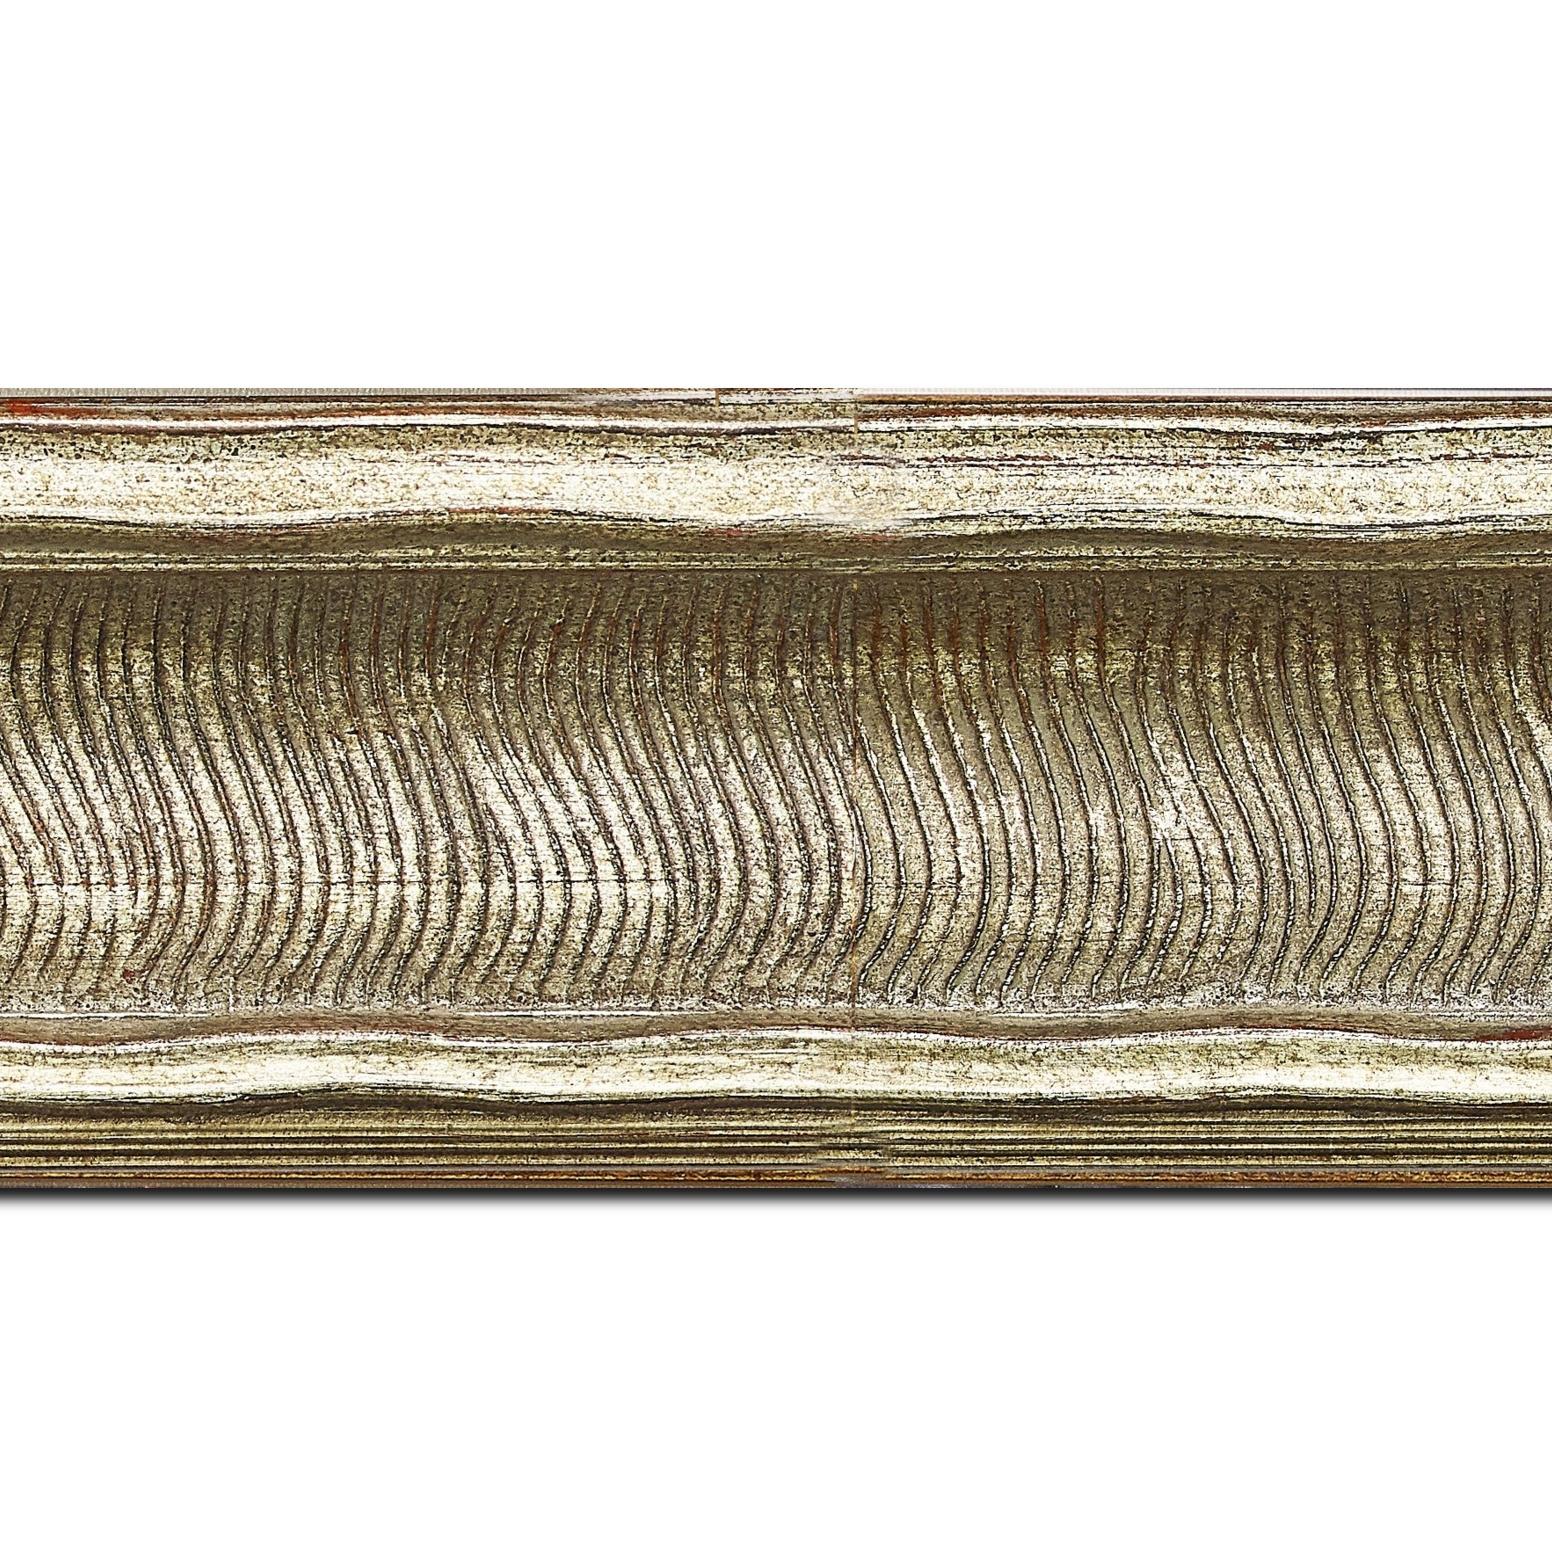 Baguette longueur 1.40m bois profil incurvé largeur 8.5cm argent chaud antique